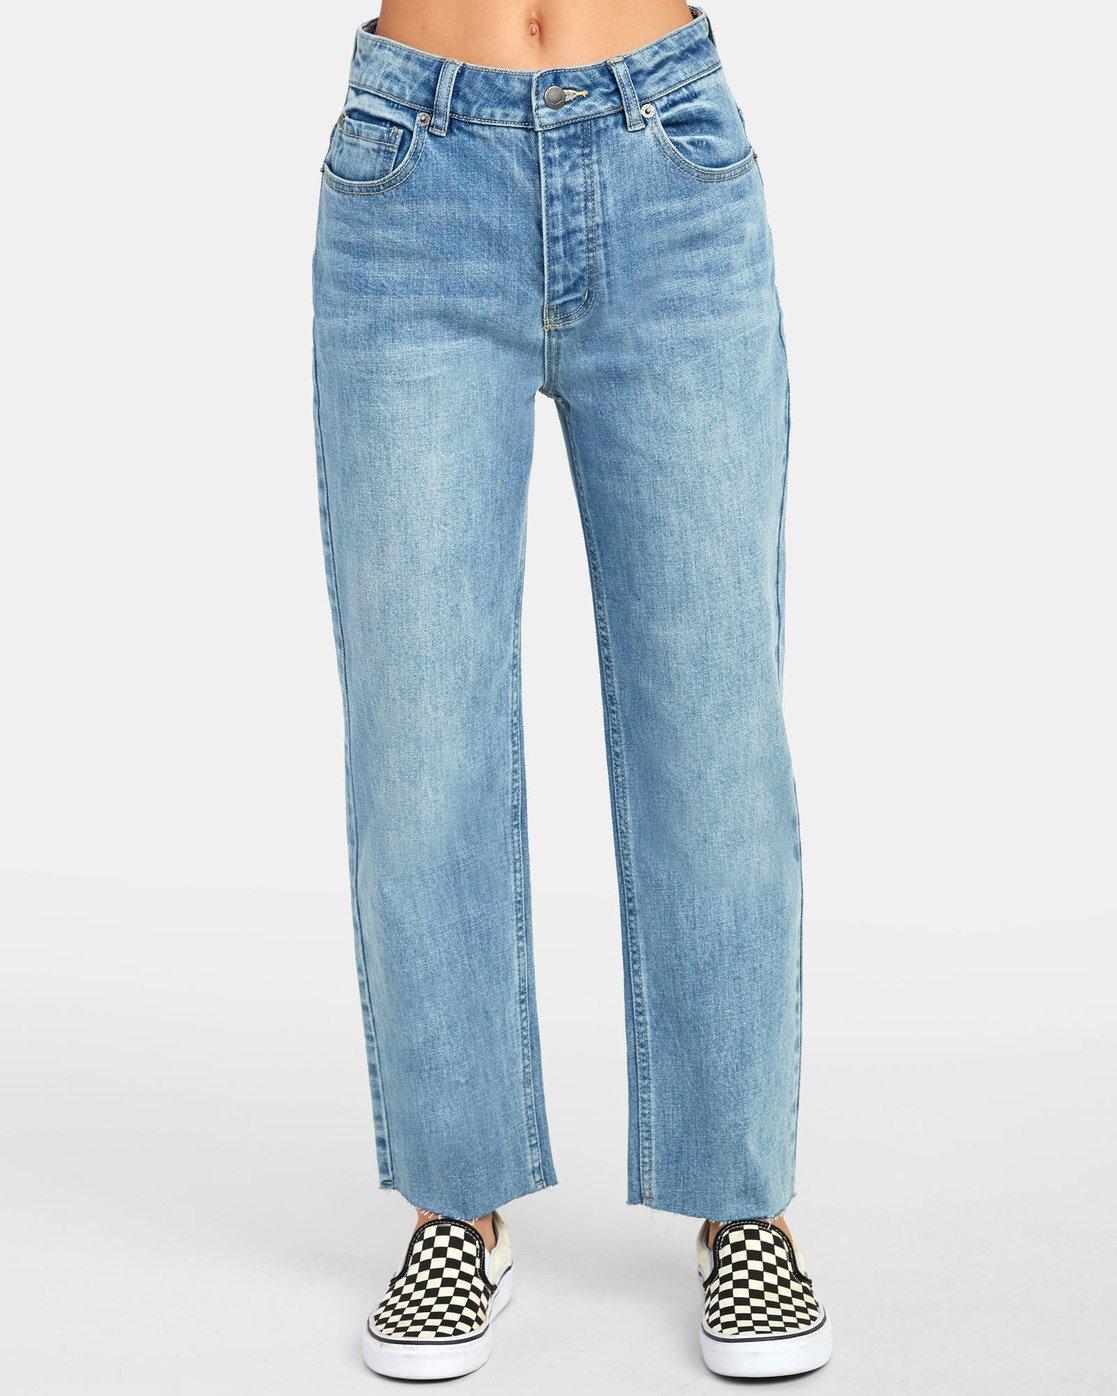 Vaqueros Pantalones Mujer Rvca Holli Vaqueros Tobilleros De Tiro Alto Light Blue Doclick Solutions